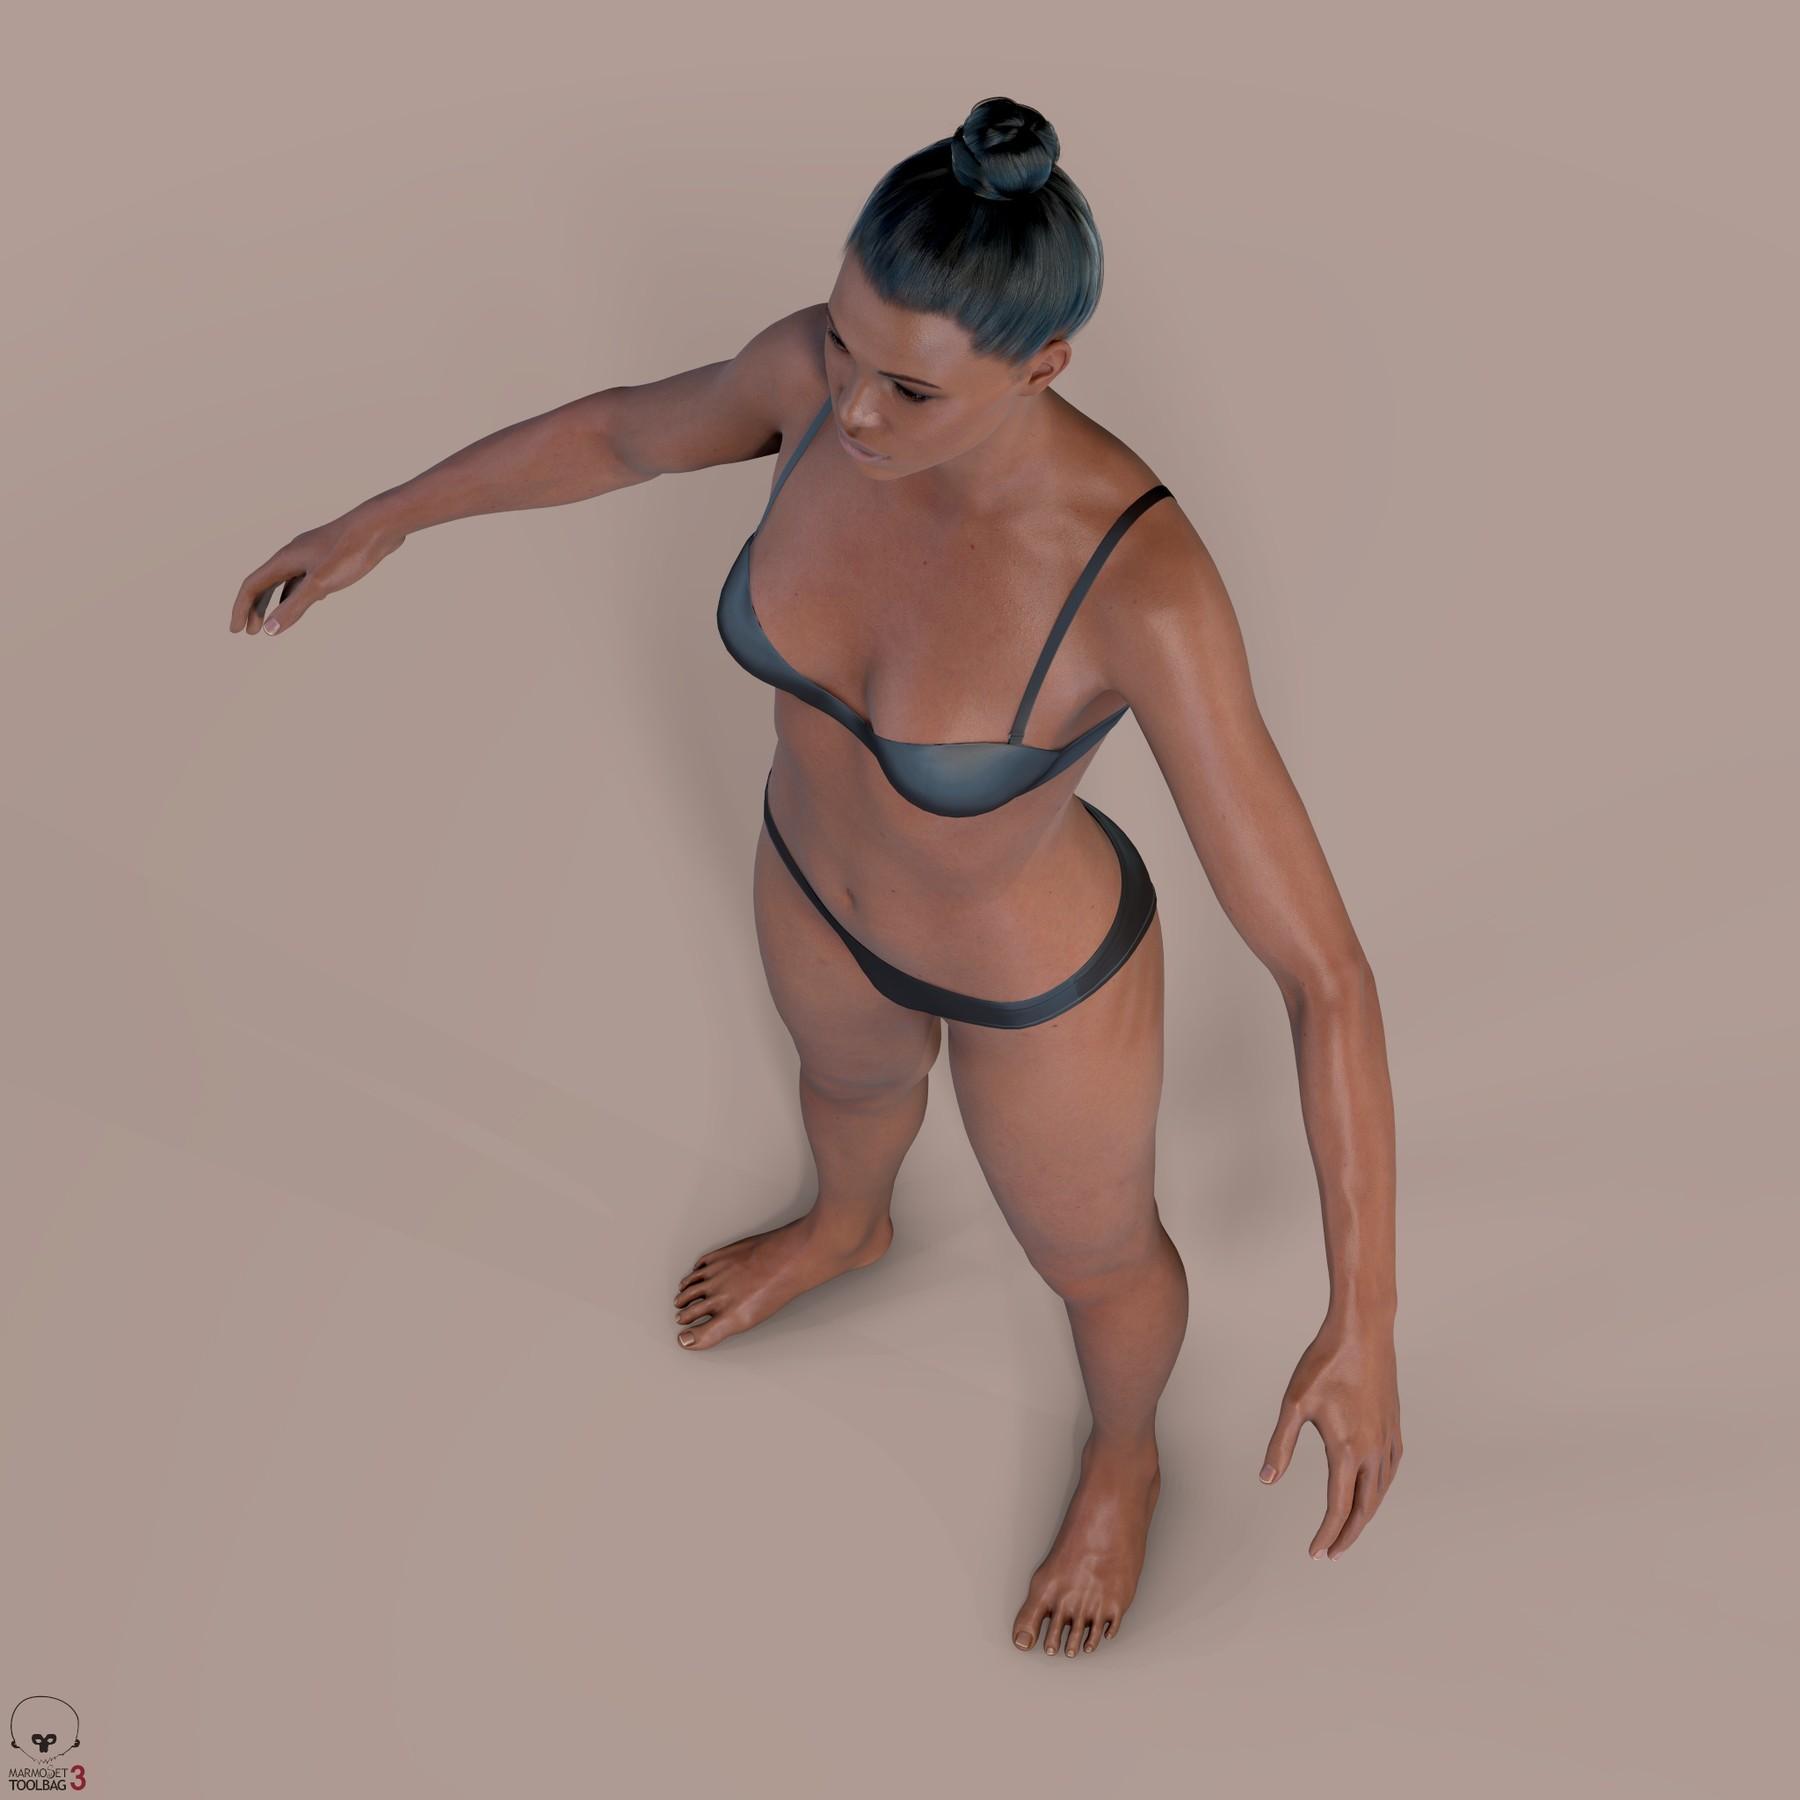 Averageblackfemalebody by alexlashko marmoset 09